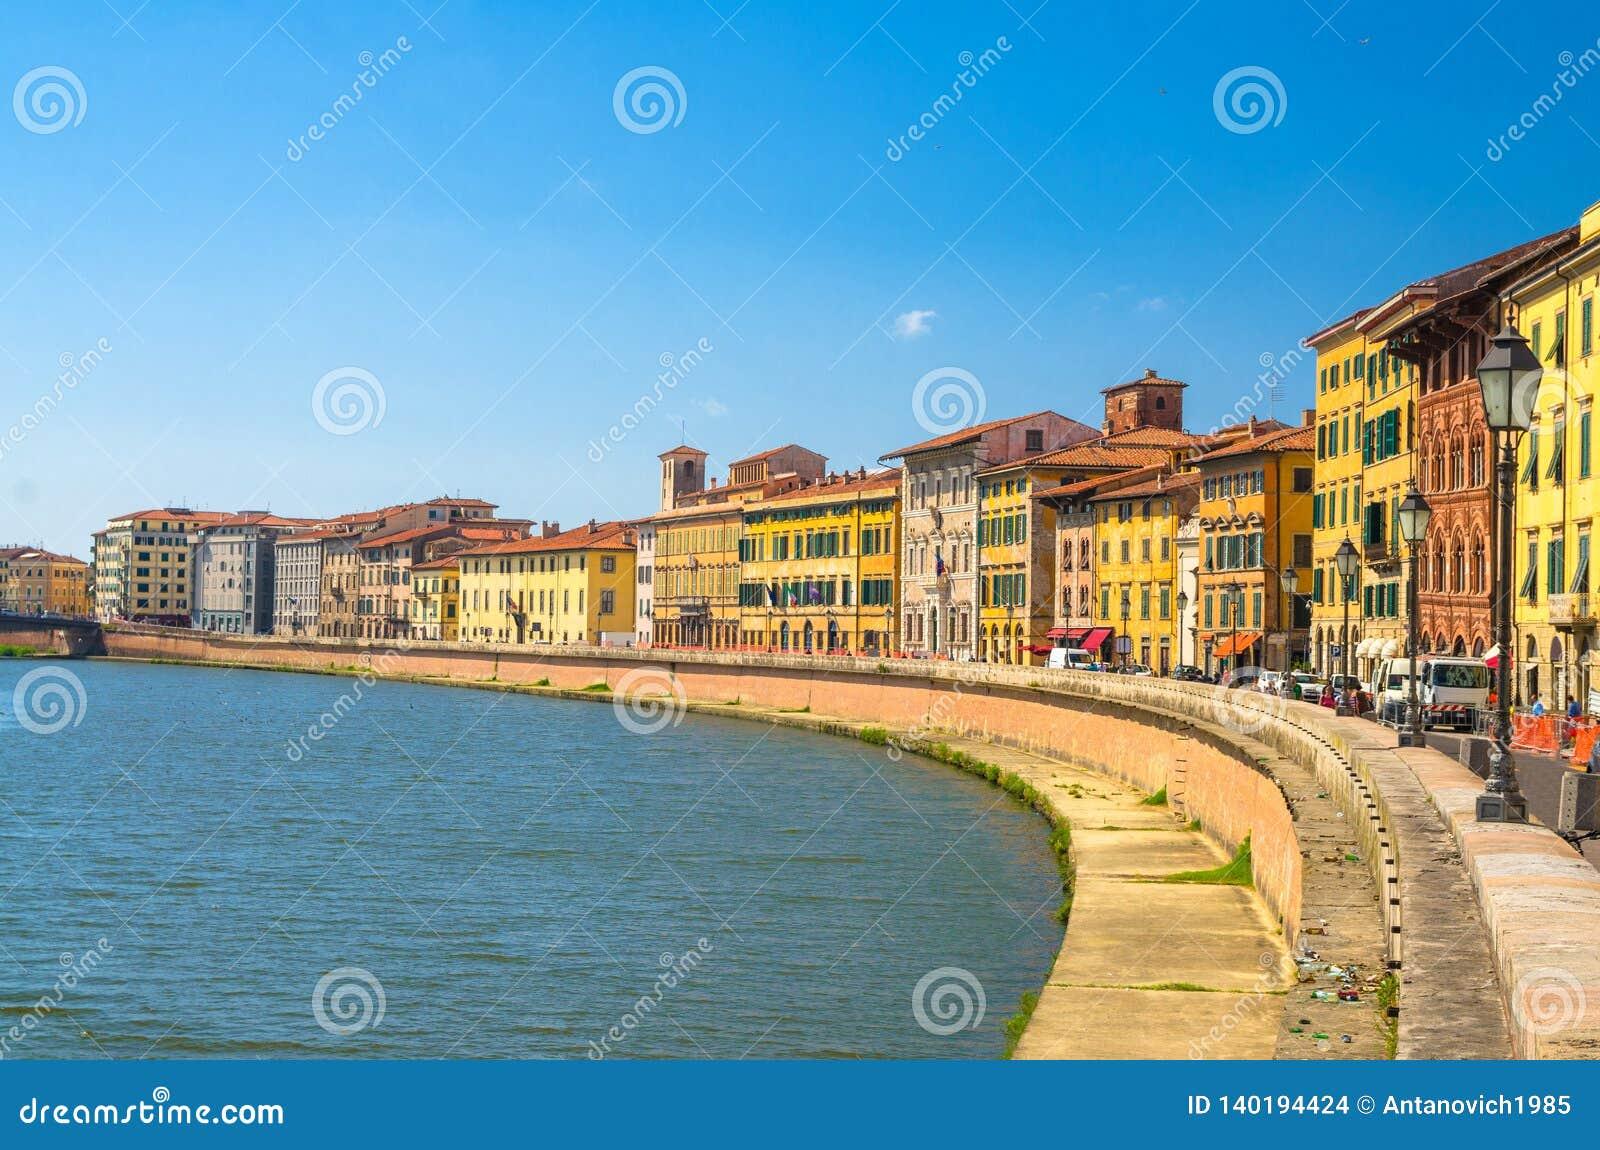 Reihe von alten bunten Gebäudehäusern auf Dammpromenade von der Arno-Fluss in der historischen Mitte von Pisa